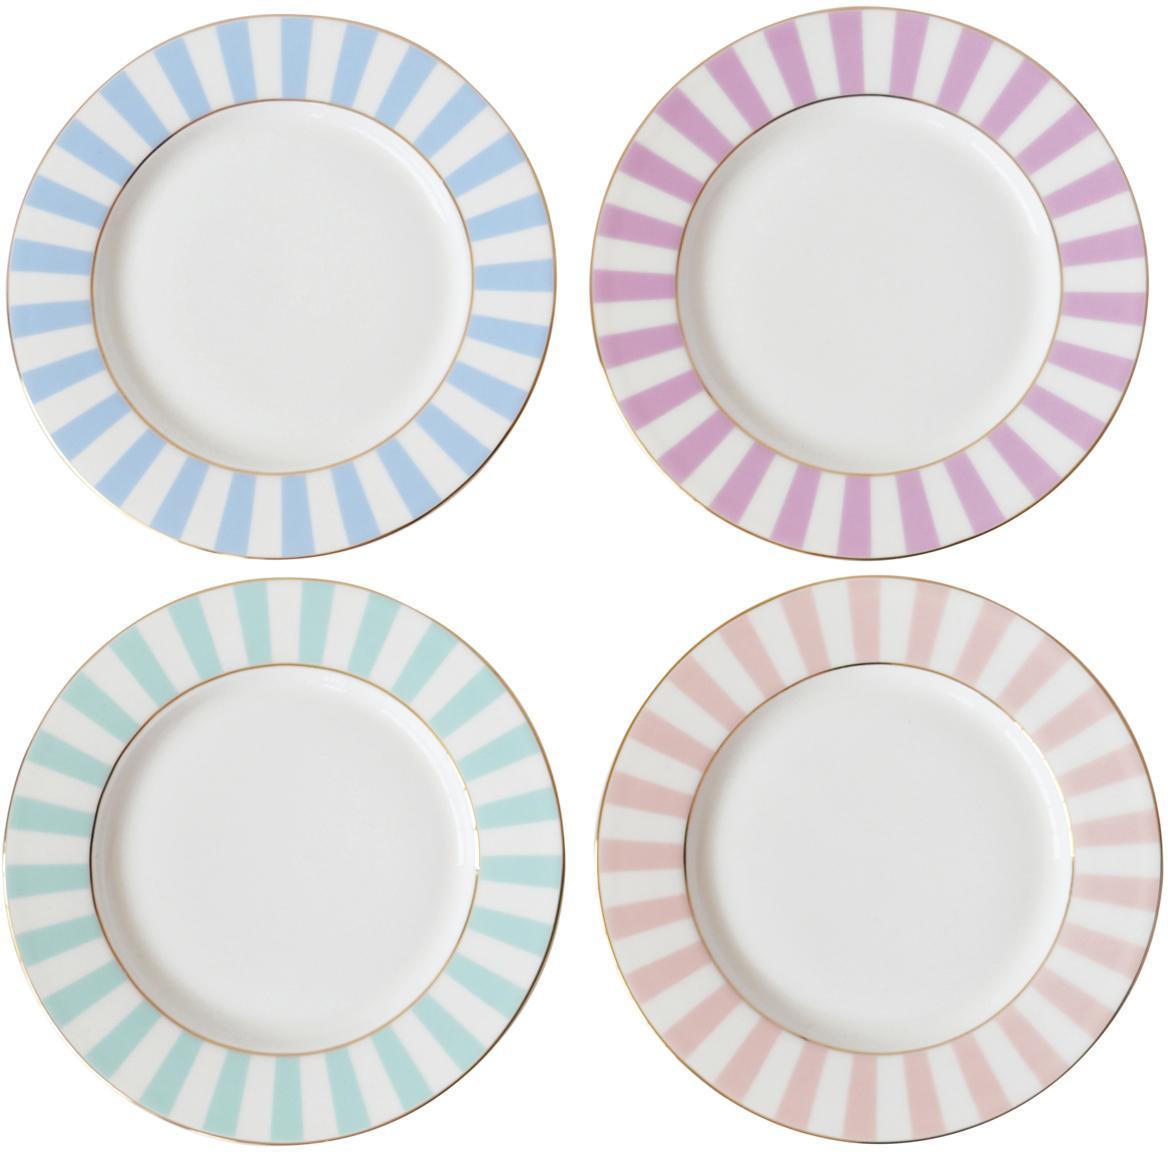 Frühstücksteller Stripy mit Streifendekor in Pastelltönen, 4er-Set, Bone China, Mehrfarbig, Ø 19 cm